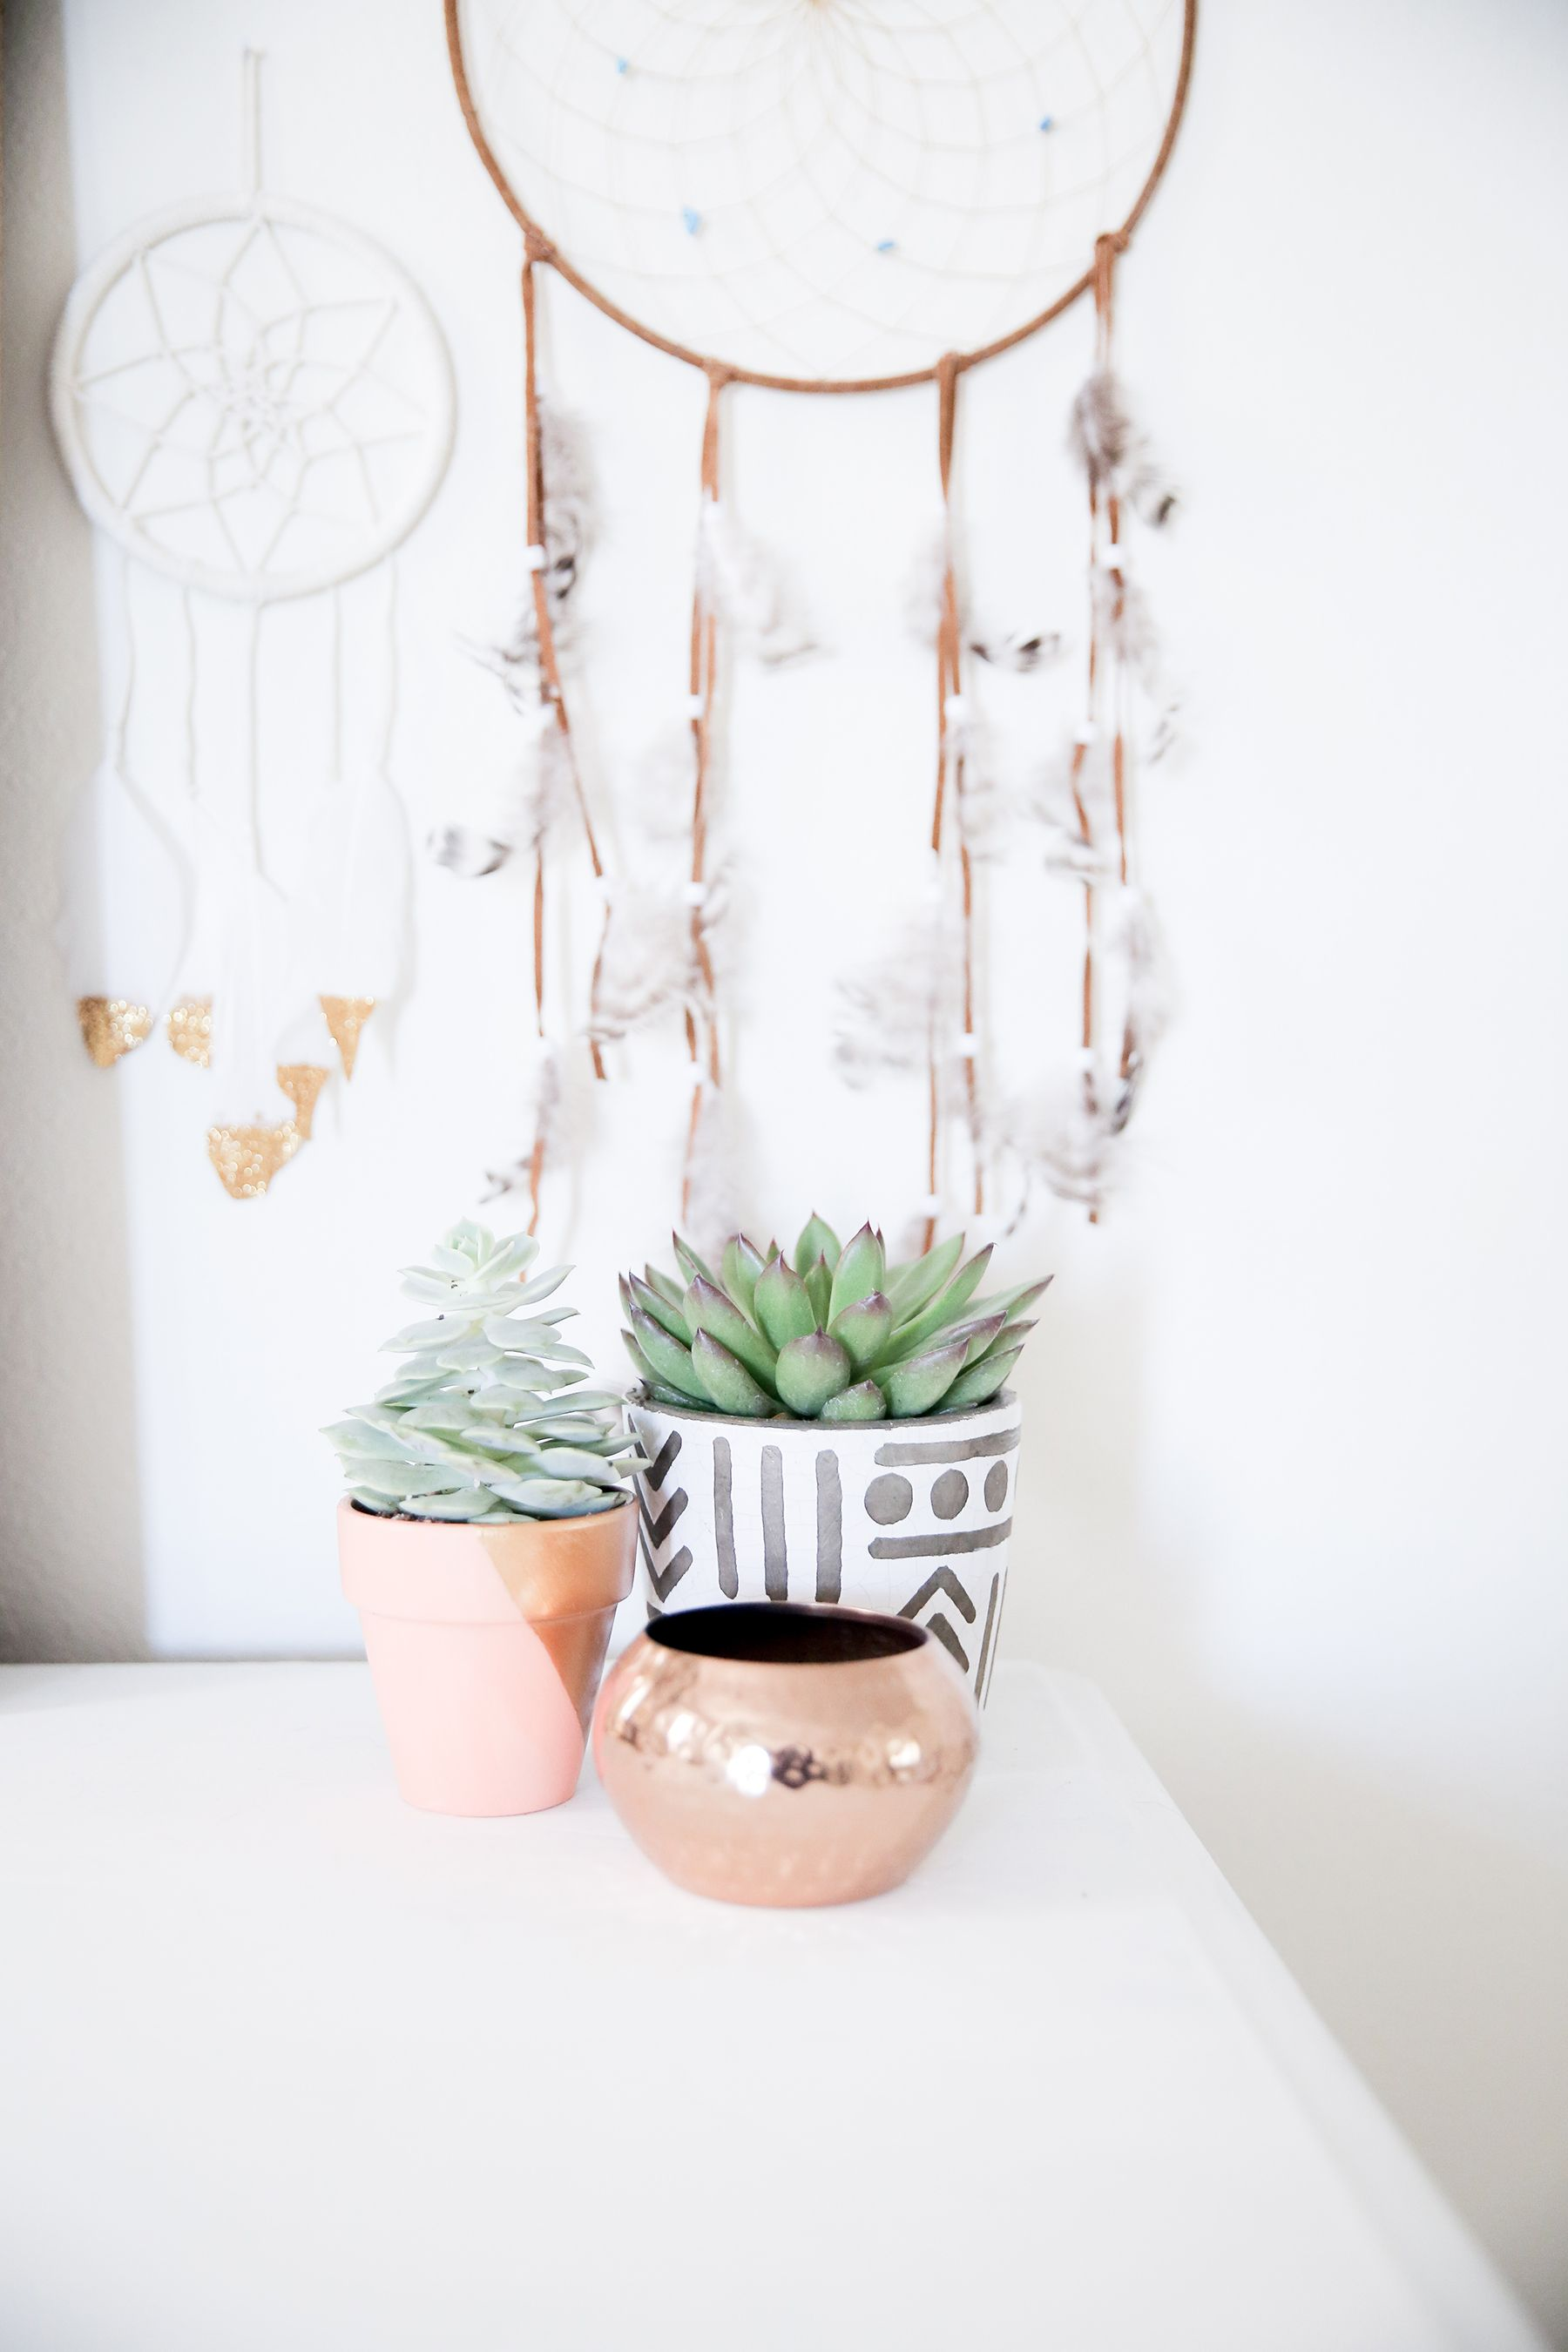 21 desk decor plants ideas